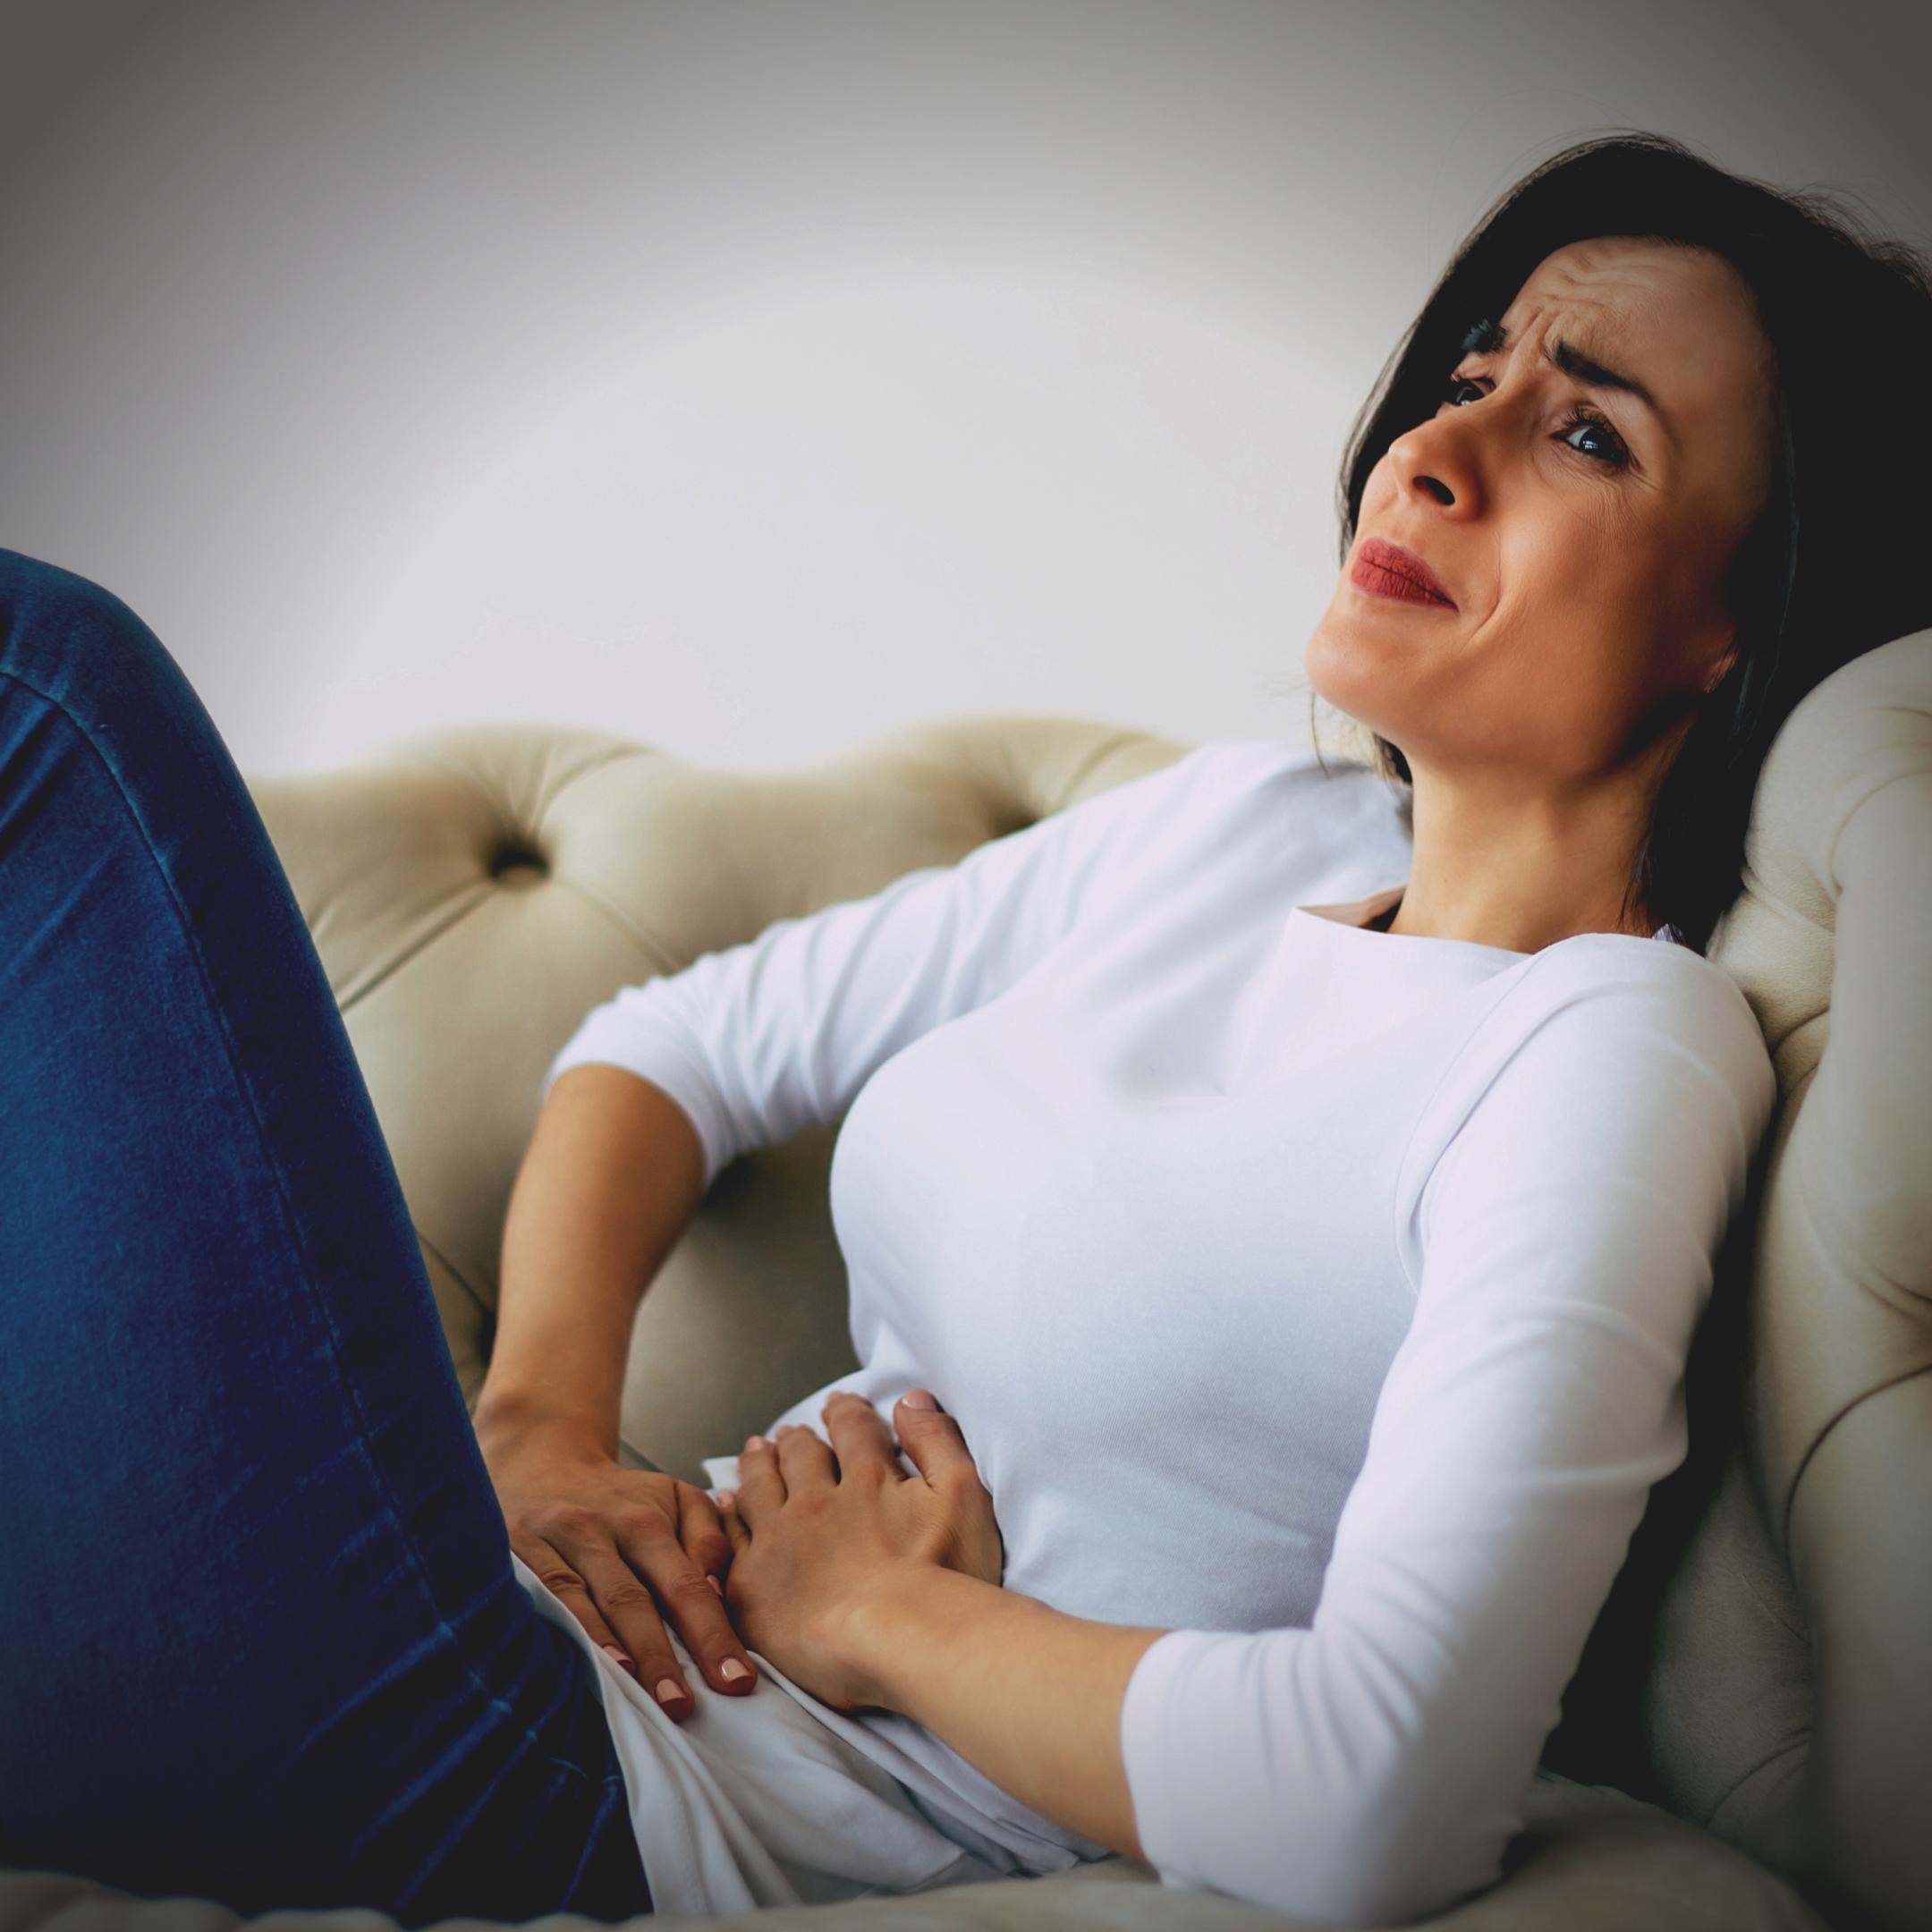 aanpak endometriose